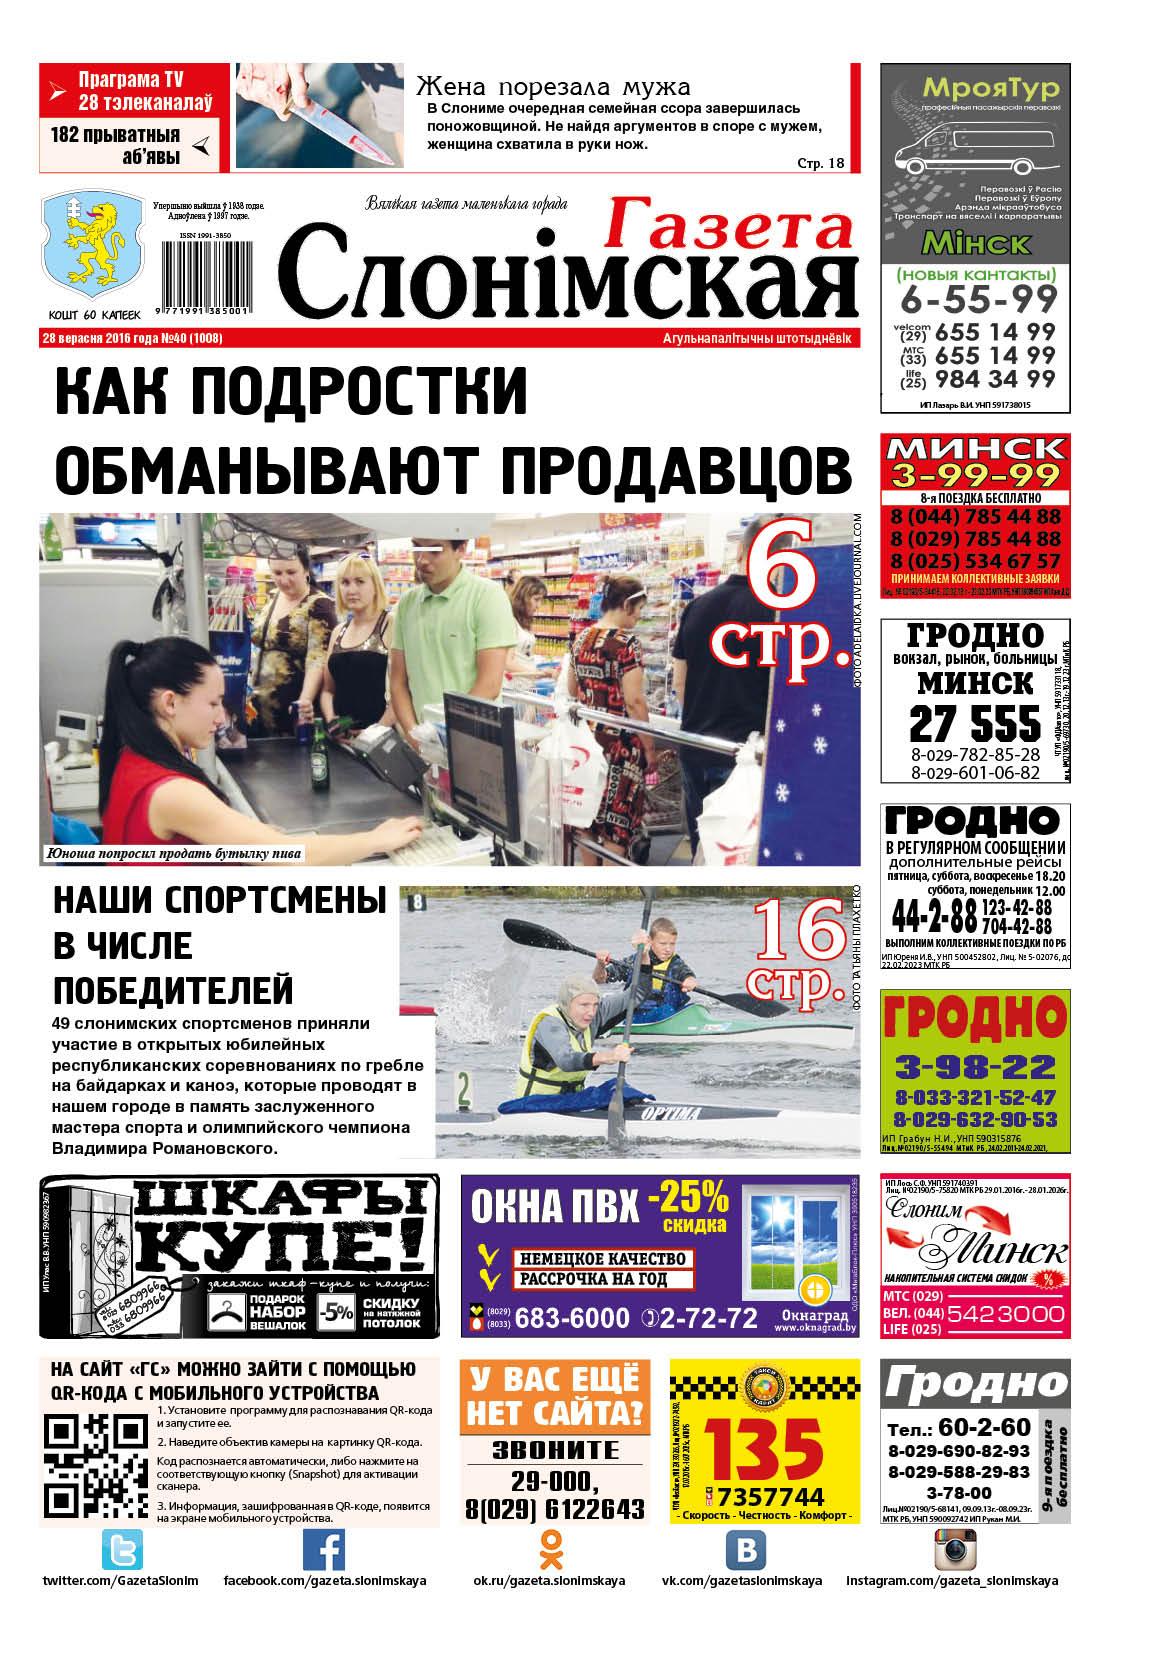 Gazeta Slonimskaja